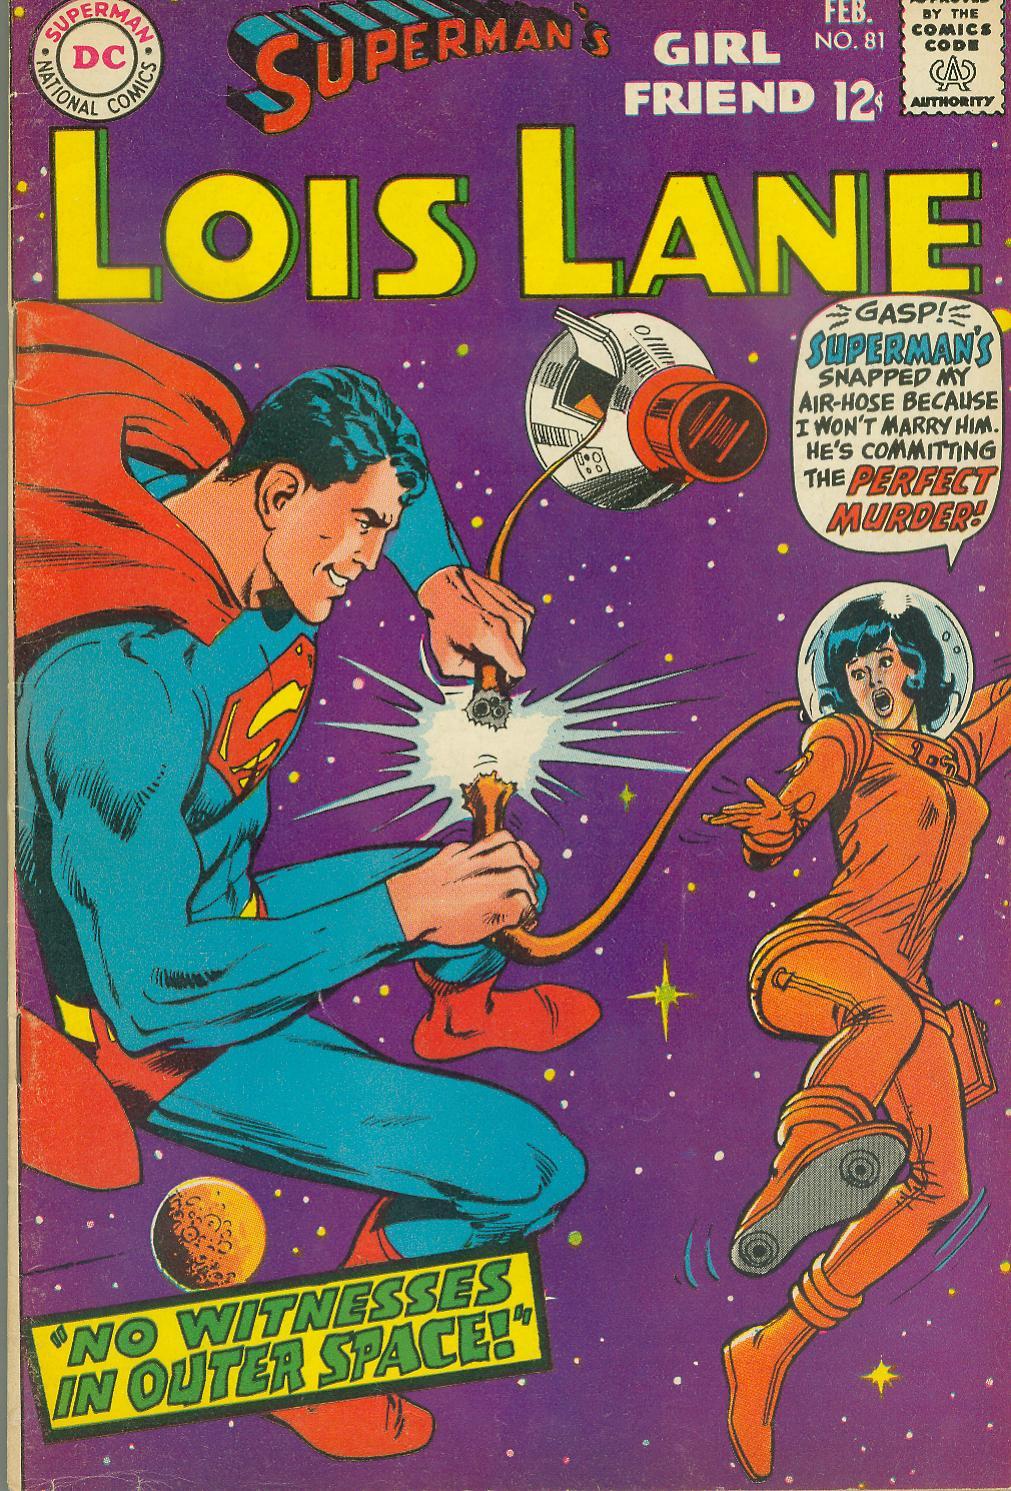 Supermans Girl Friend, Lois Lane 81 Page 1